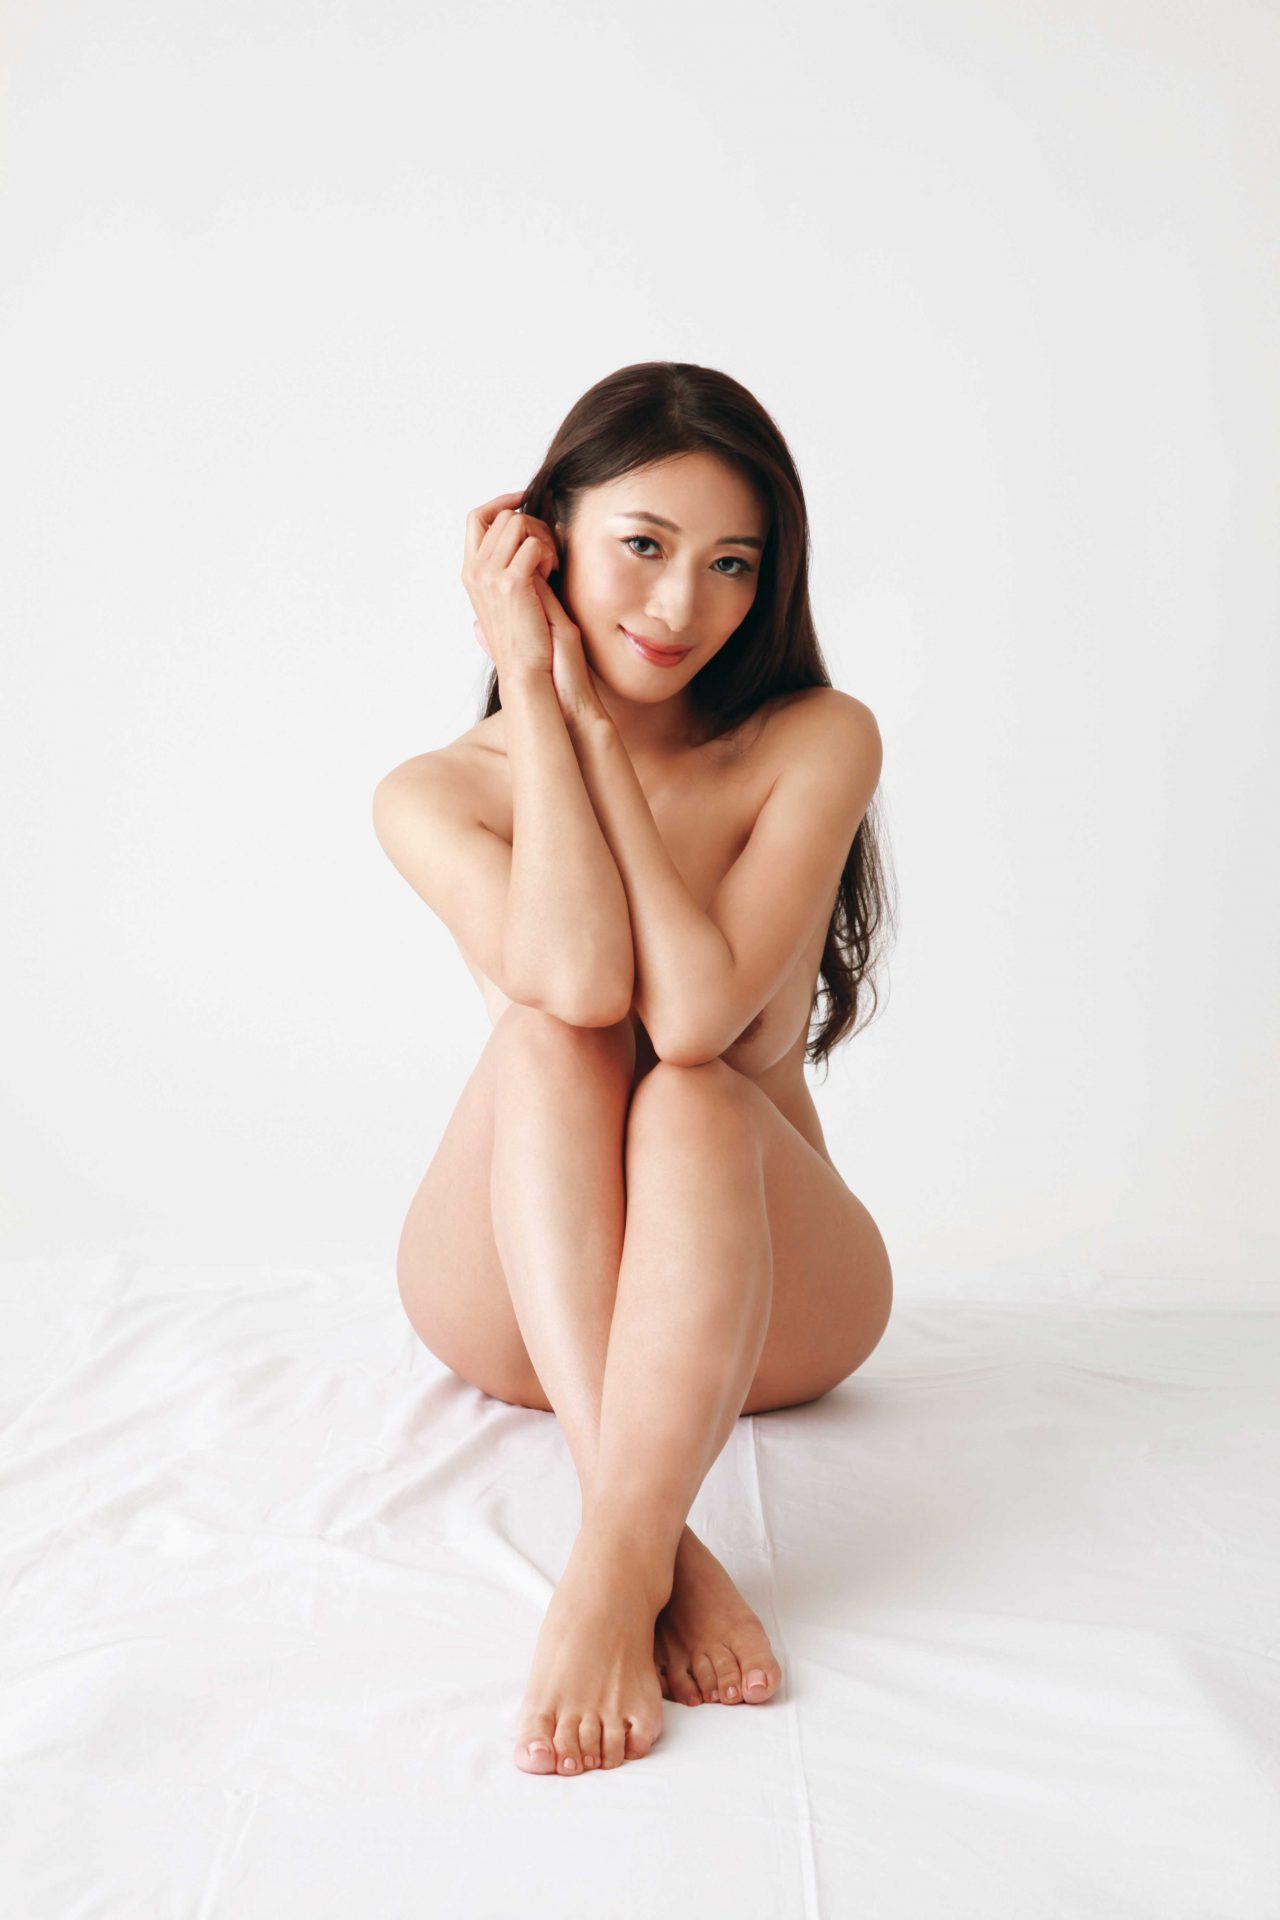 三次元 3次元 エロ画像 AV女優 小早川怜子 ヌード べっぴん娘通信 006